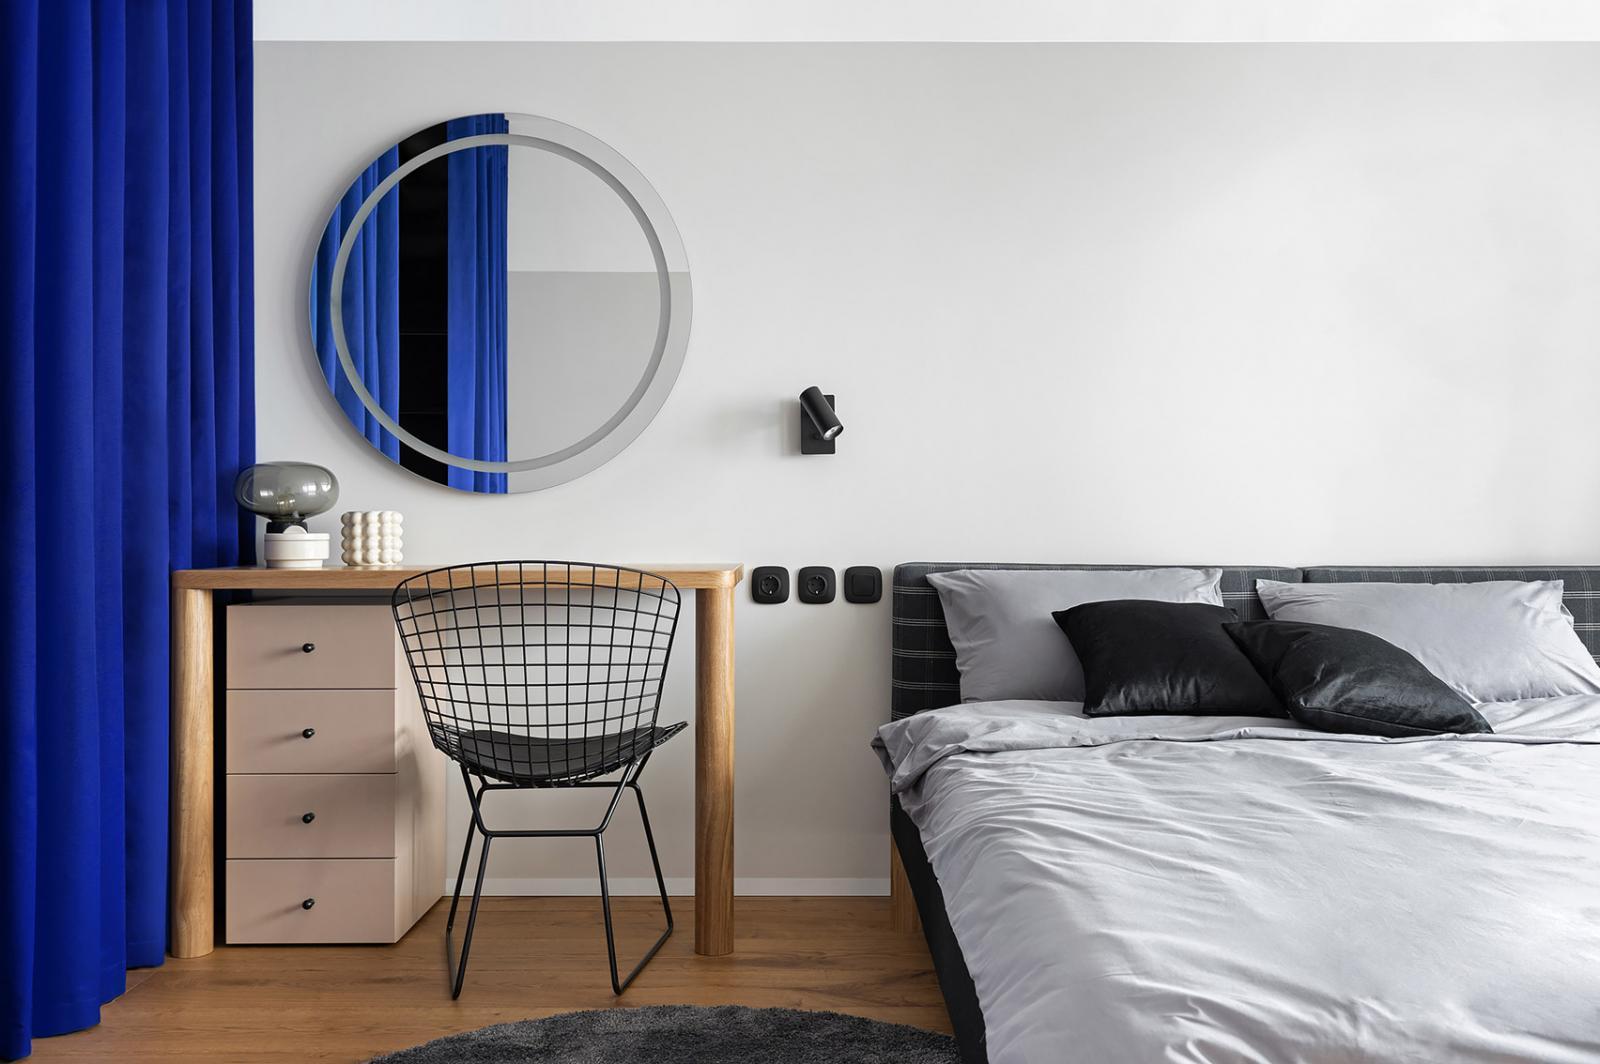 Hình ảnh phòng ngủ với giường nệm êm ái, bàn trang điểm gỗ sồi, tủ ngăn kéo màu hồng, gương tròn, cạnh đó là rèm cửa màu xanh coban